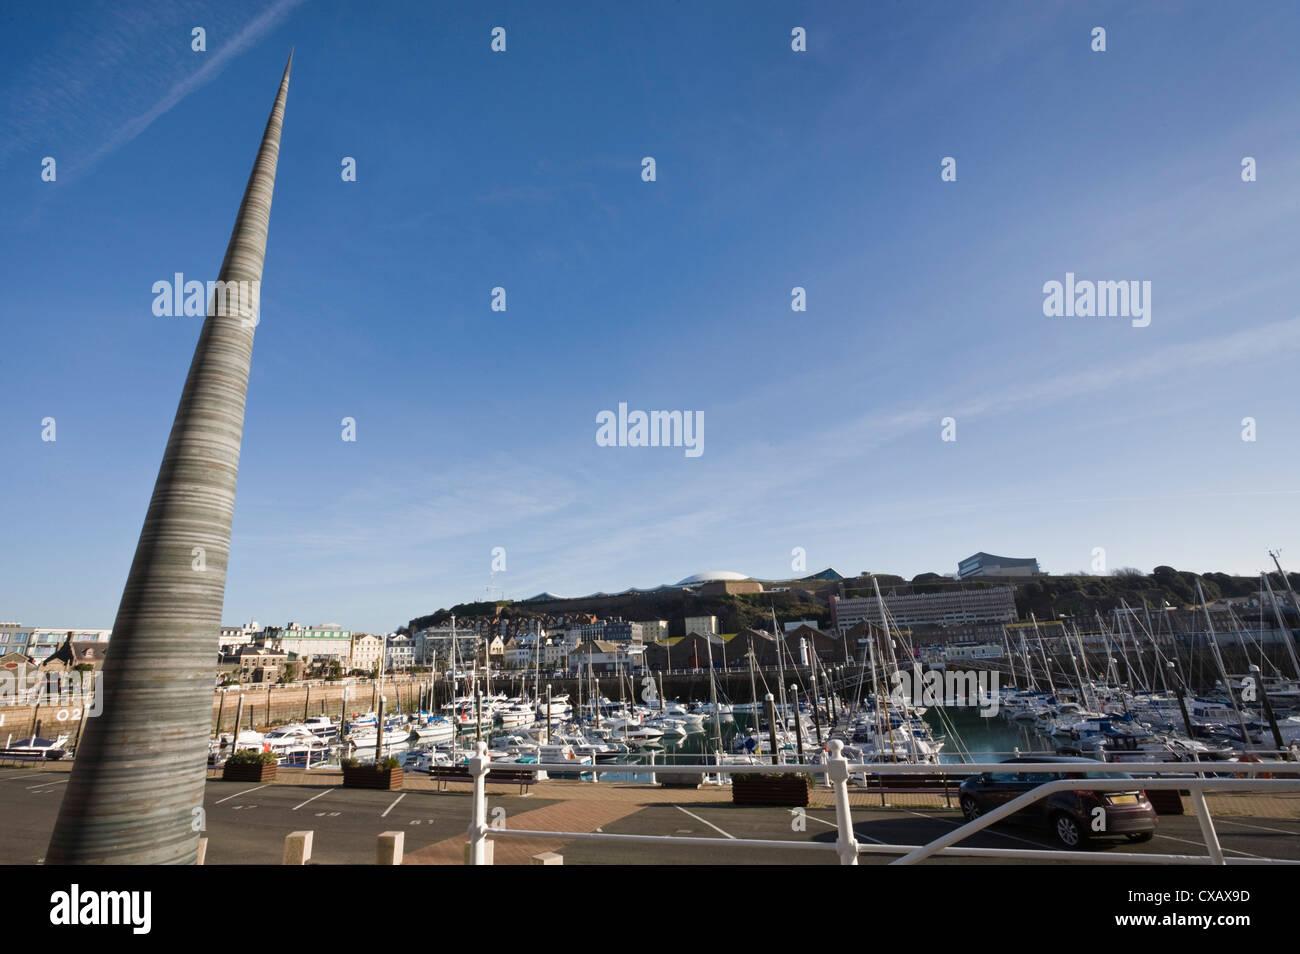 Jubilee Needle, Albert Harbour, St. Helier, Jersey, Channel Islands, United Kingdom, Europe - Stock Image